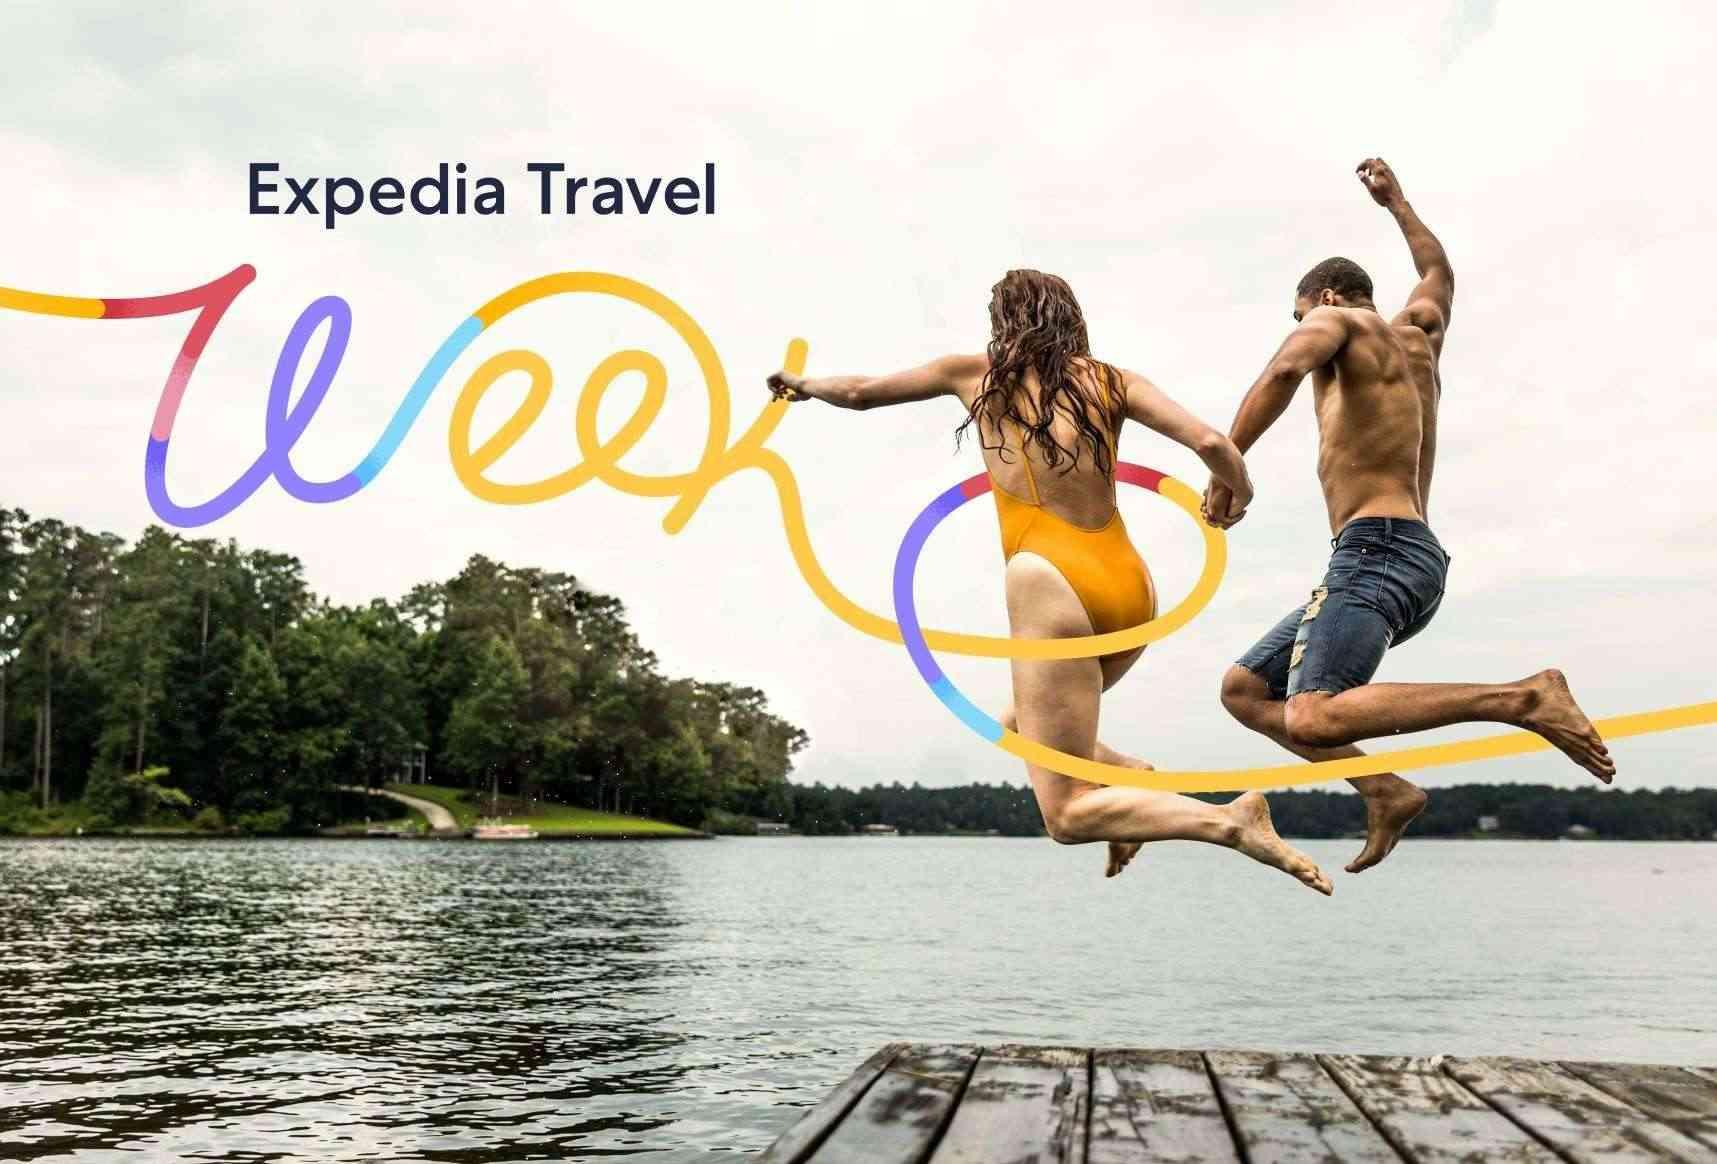 expedia anuncia su primera travel week y empieza este 8 de junio - Expedia anuncia su primera Travel Week y empieza este 8 de junio